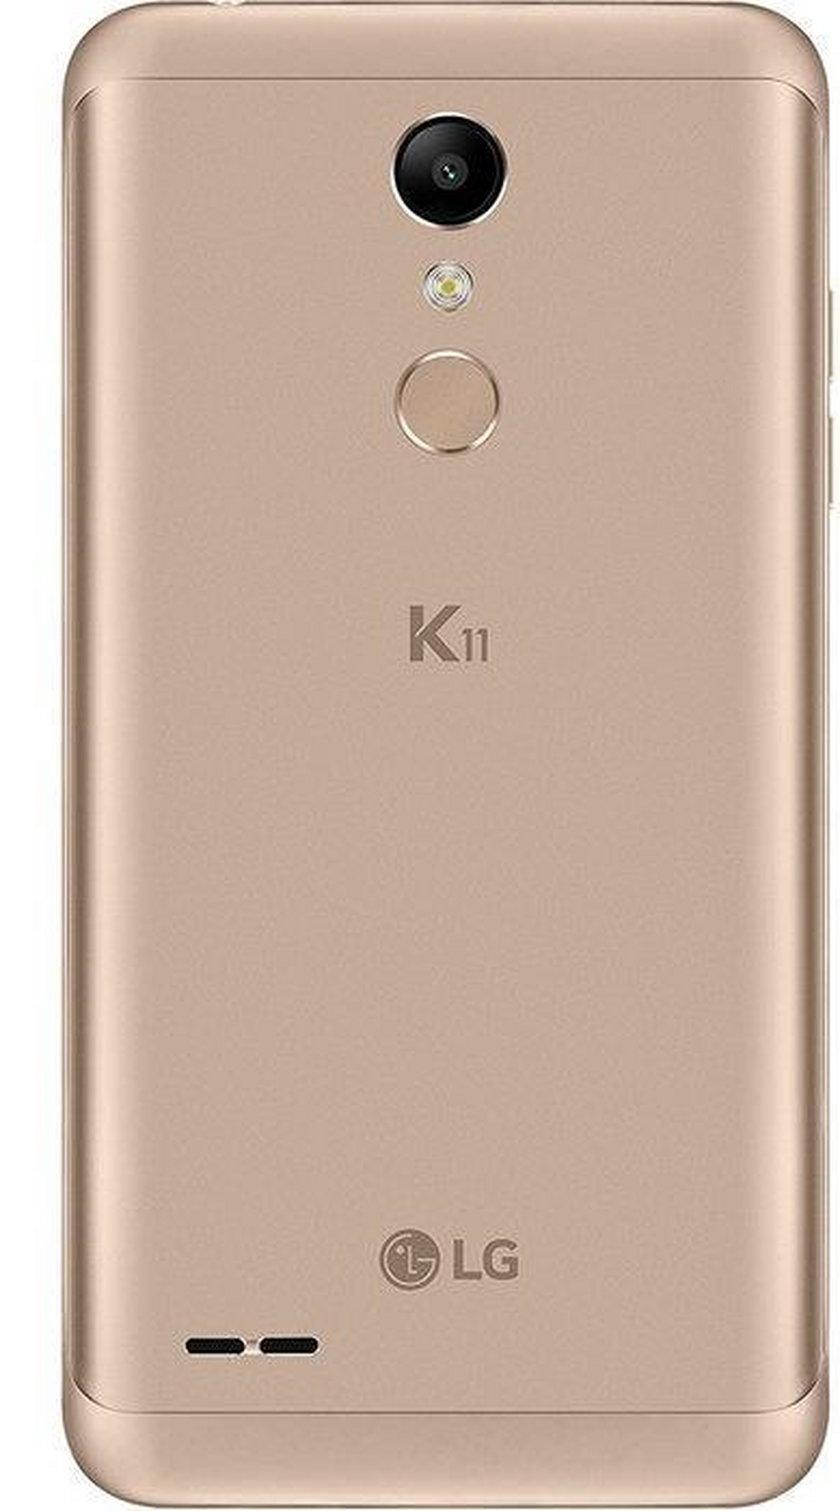 Dobry smartfon za mniej niż tysiąc złotych? Jasne!